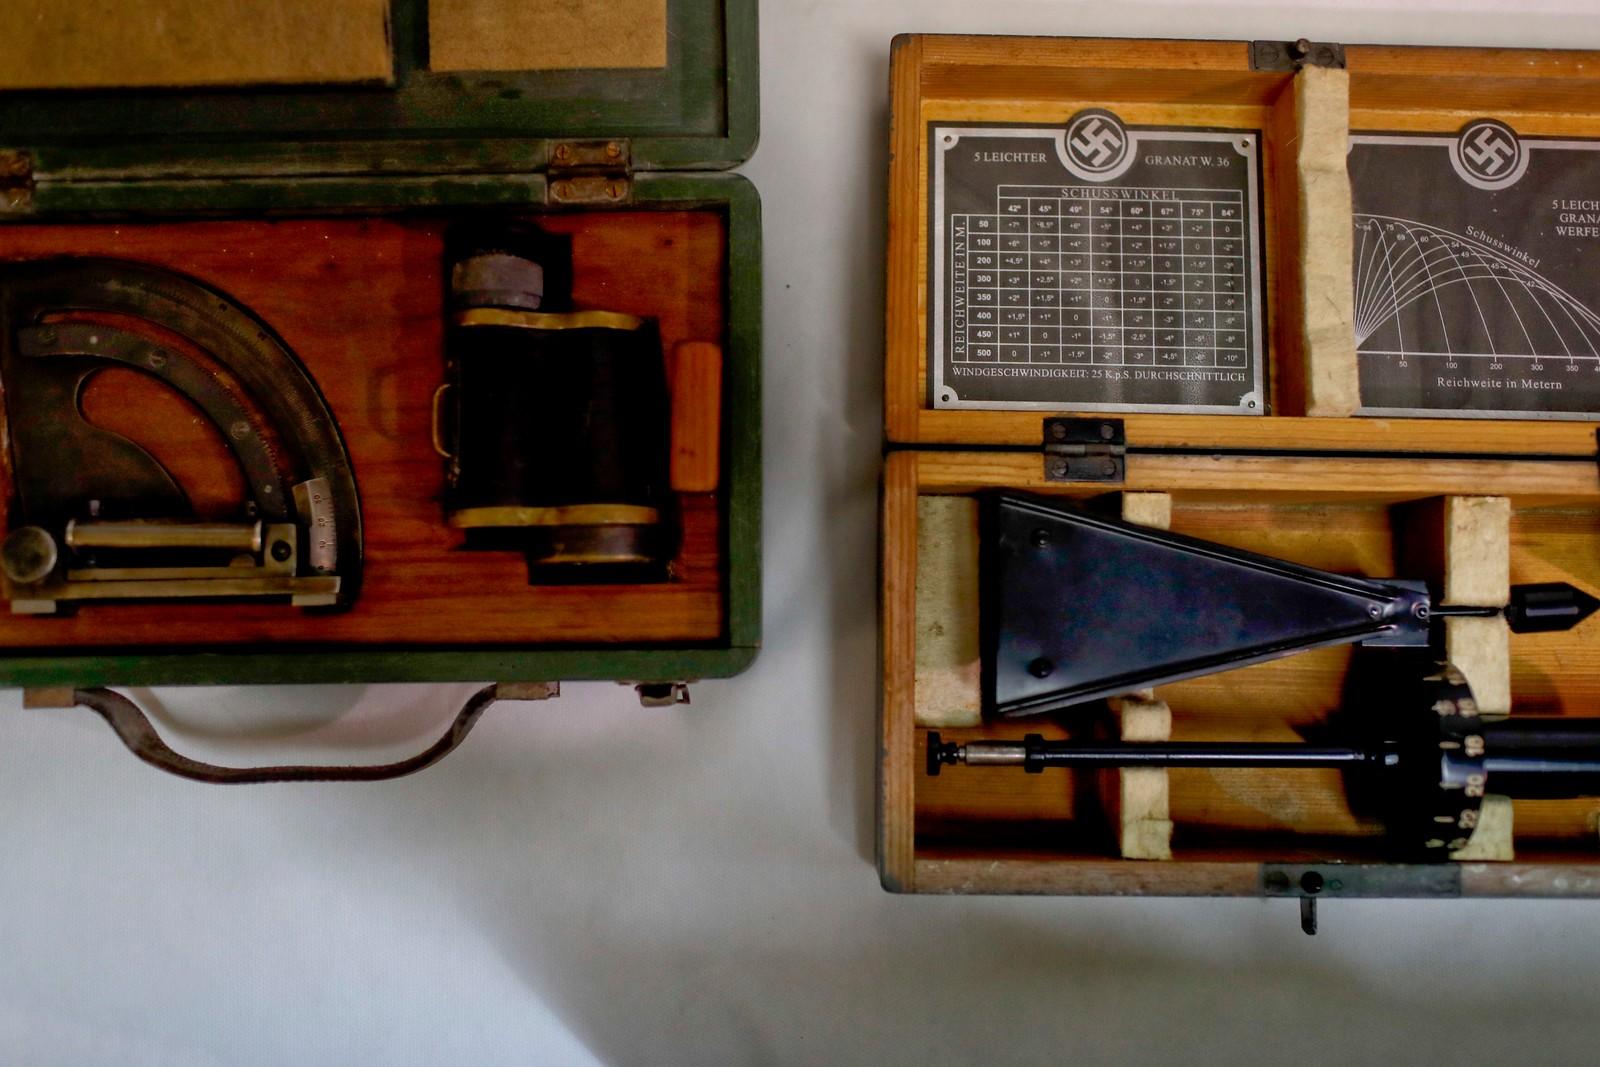 Gjenstanden til venstre skal være medisinsk utstyr brukt av nazistene til å måle hodestørrelse. Gjenstanden til høyre skal være våpenutstyr.